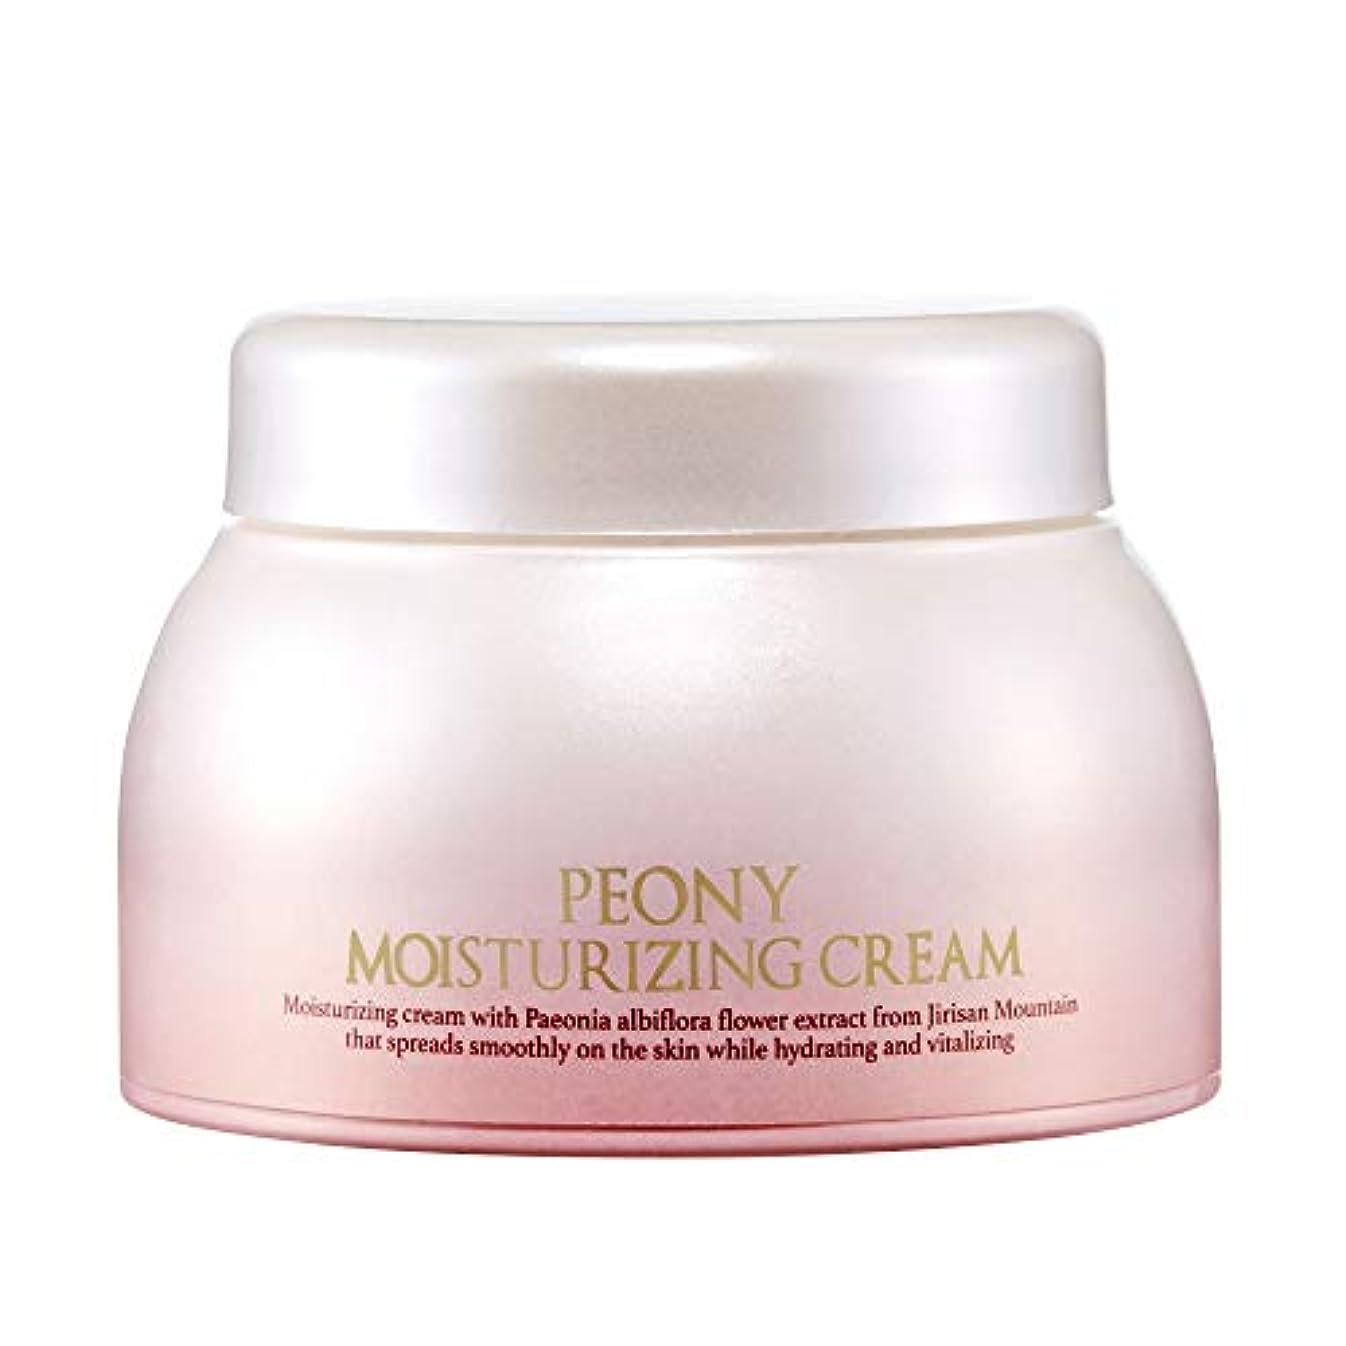 適切に依存引退したBAEGAYUL (ベガユル) シャクヤク 保湿クリーム / Peony Moisturizing Cream (50g) [並行輸入品]